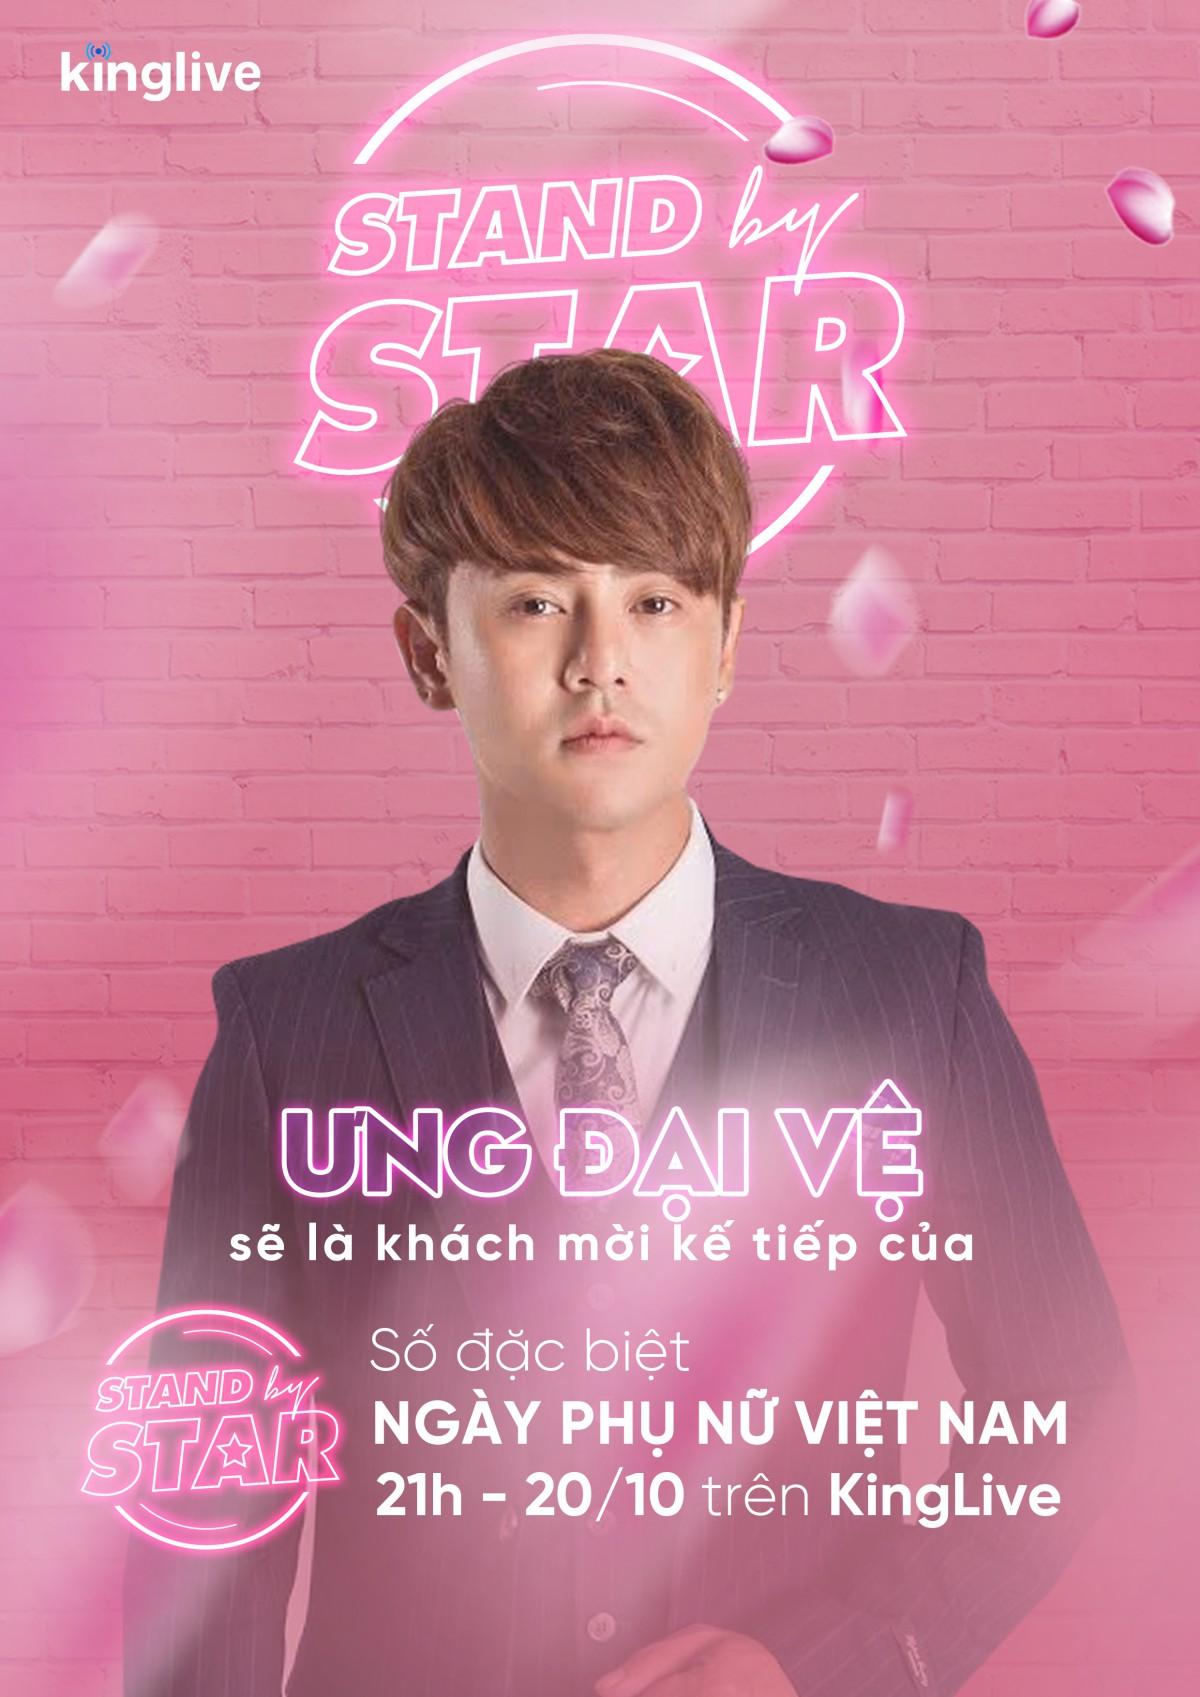 Dàn sao khủng Vbiz đổ bộ Stand By Star, hứa hẹn bùng nổ cảm xúc cùng ngày Phụ nữ Việt Nam 20/10 - Ảnh 6.